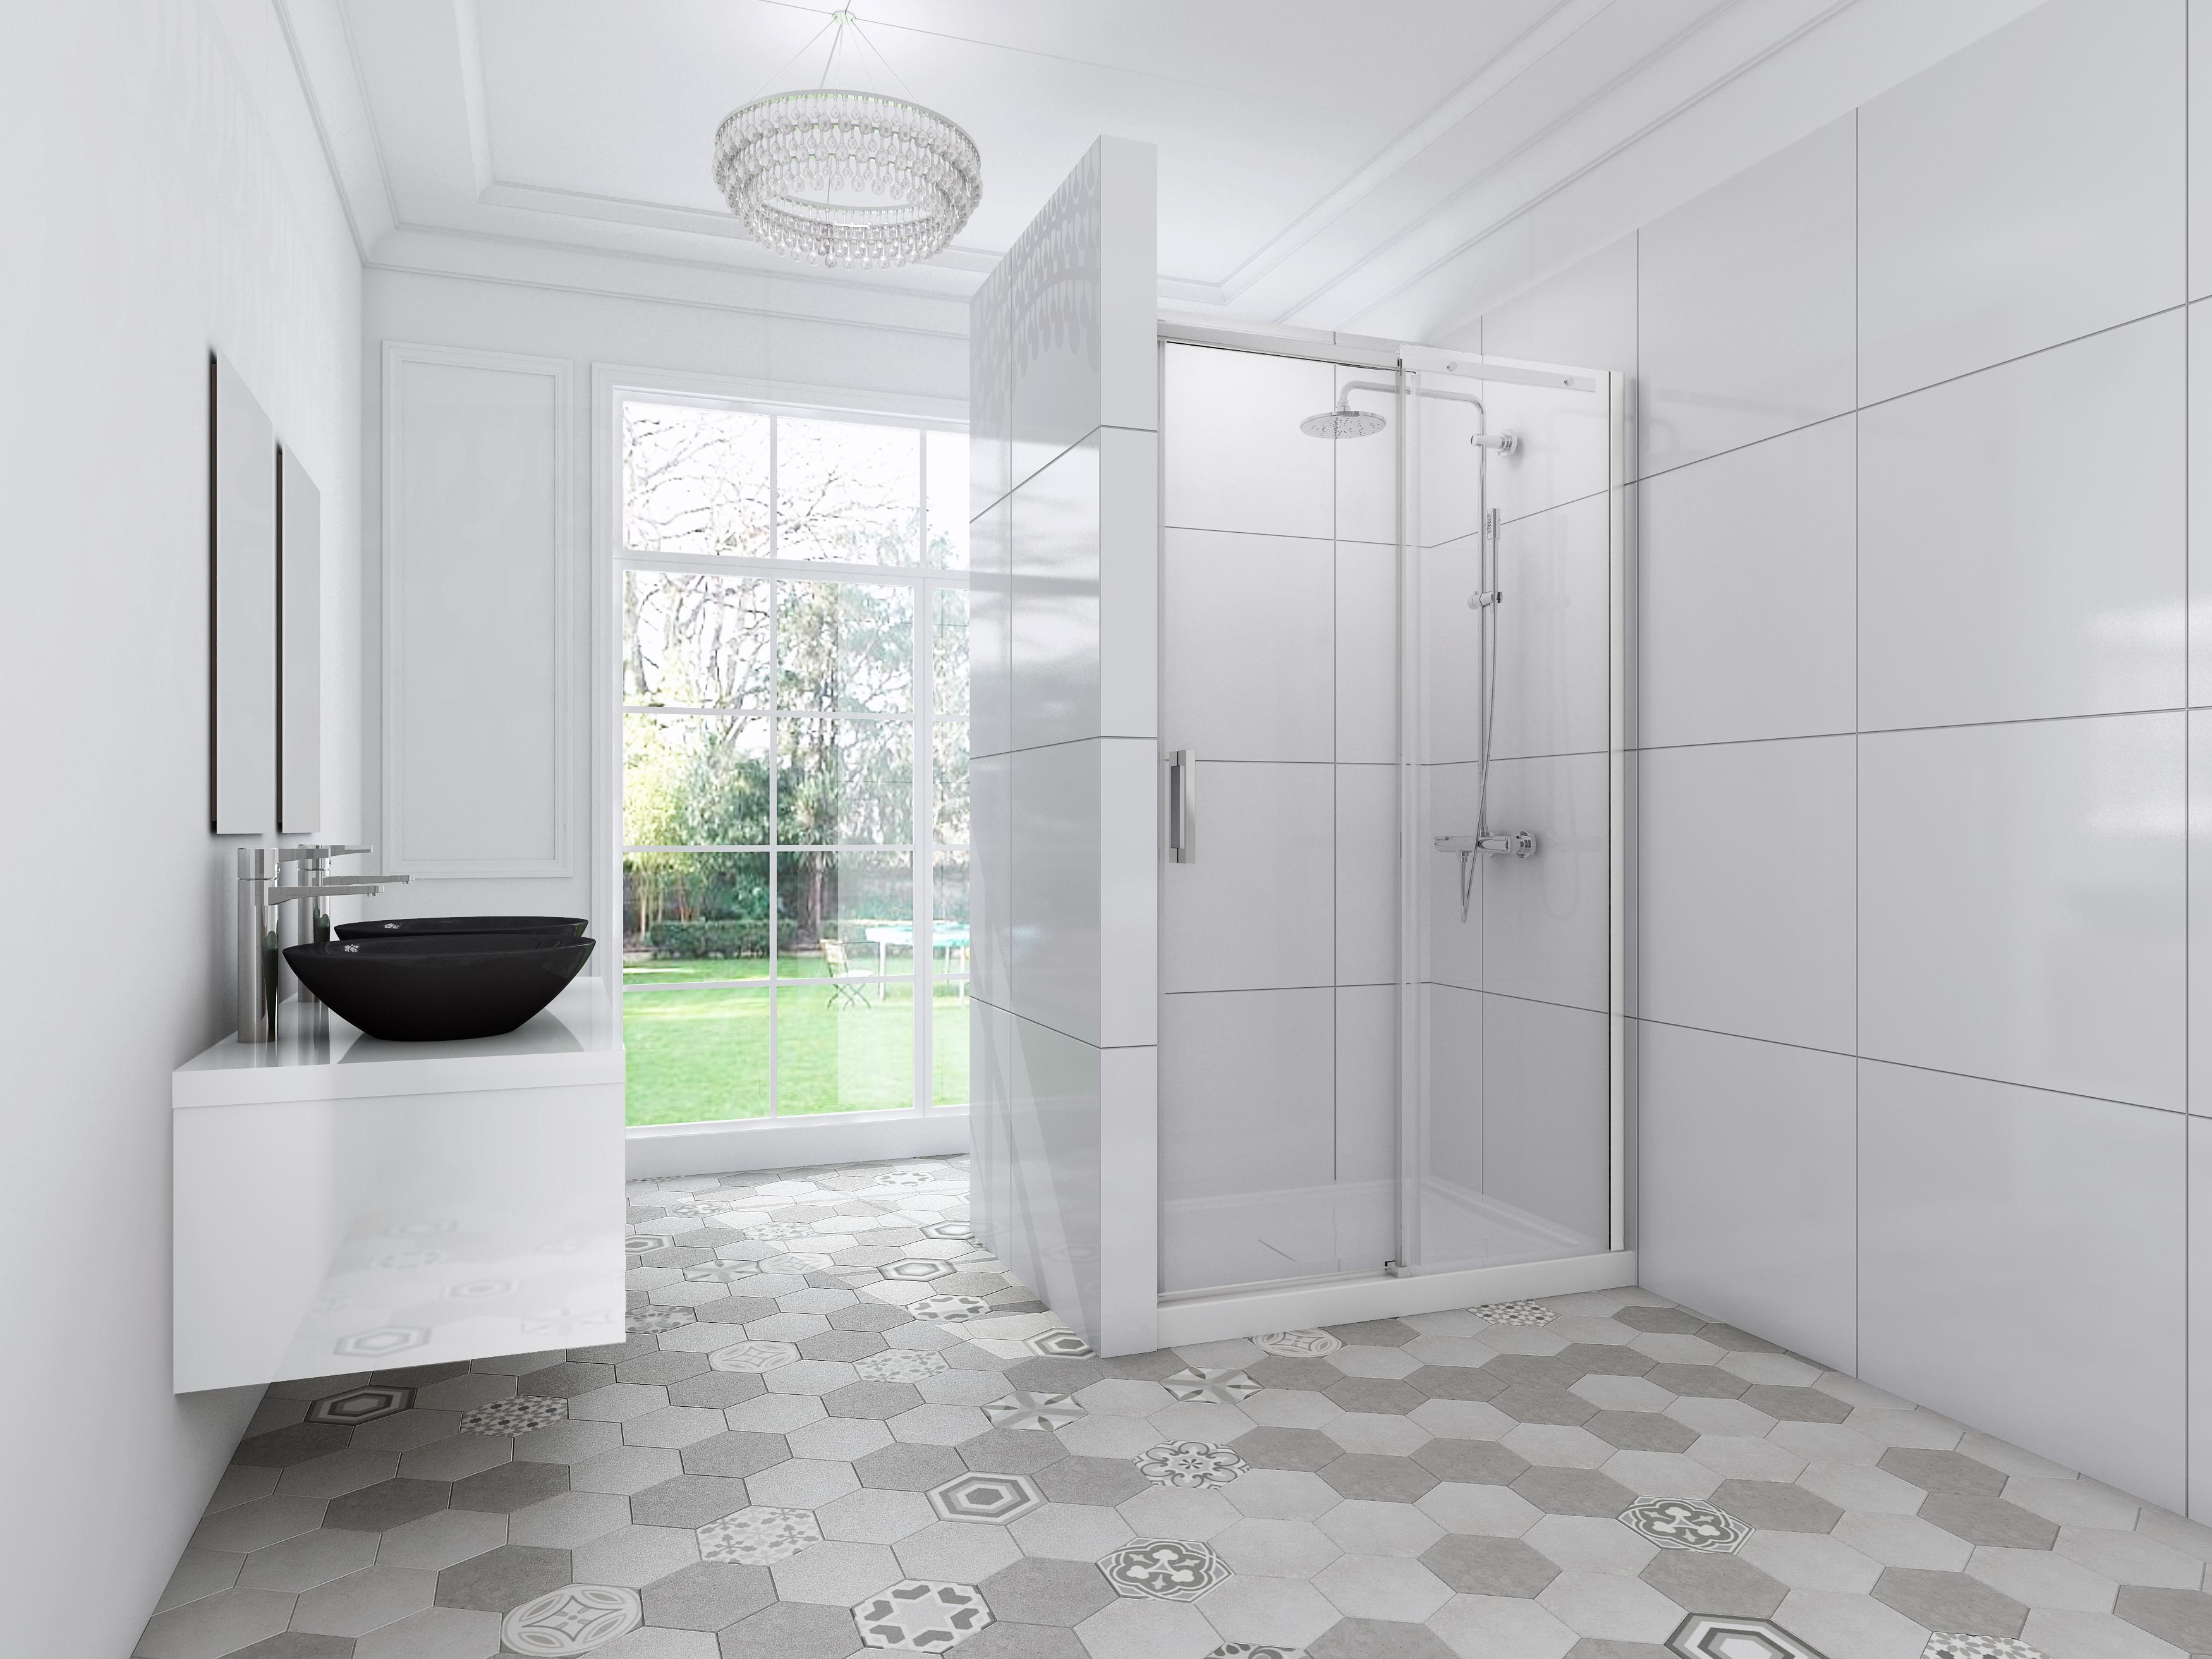 verre de douche trendy paroi de douche en verre serigraphie nouveau vitre douche salle de bain. Black Bedroom Furniture Sets. Home Design Ideas